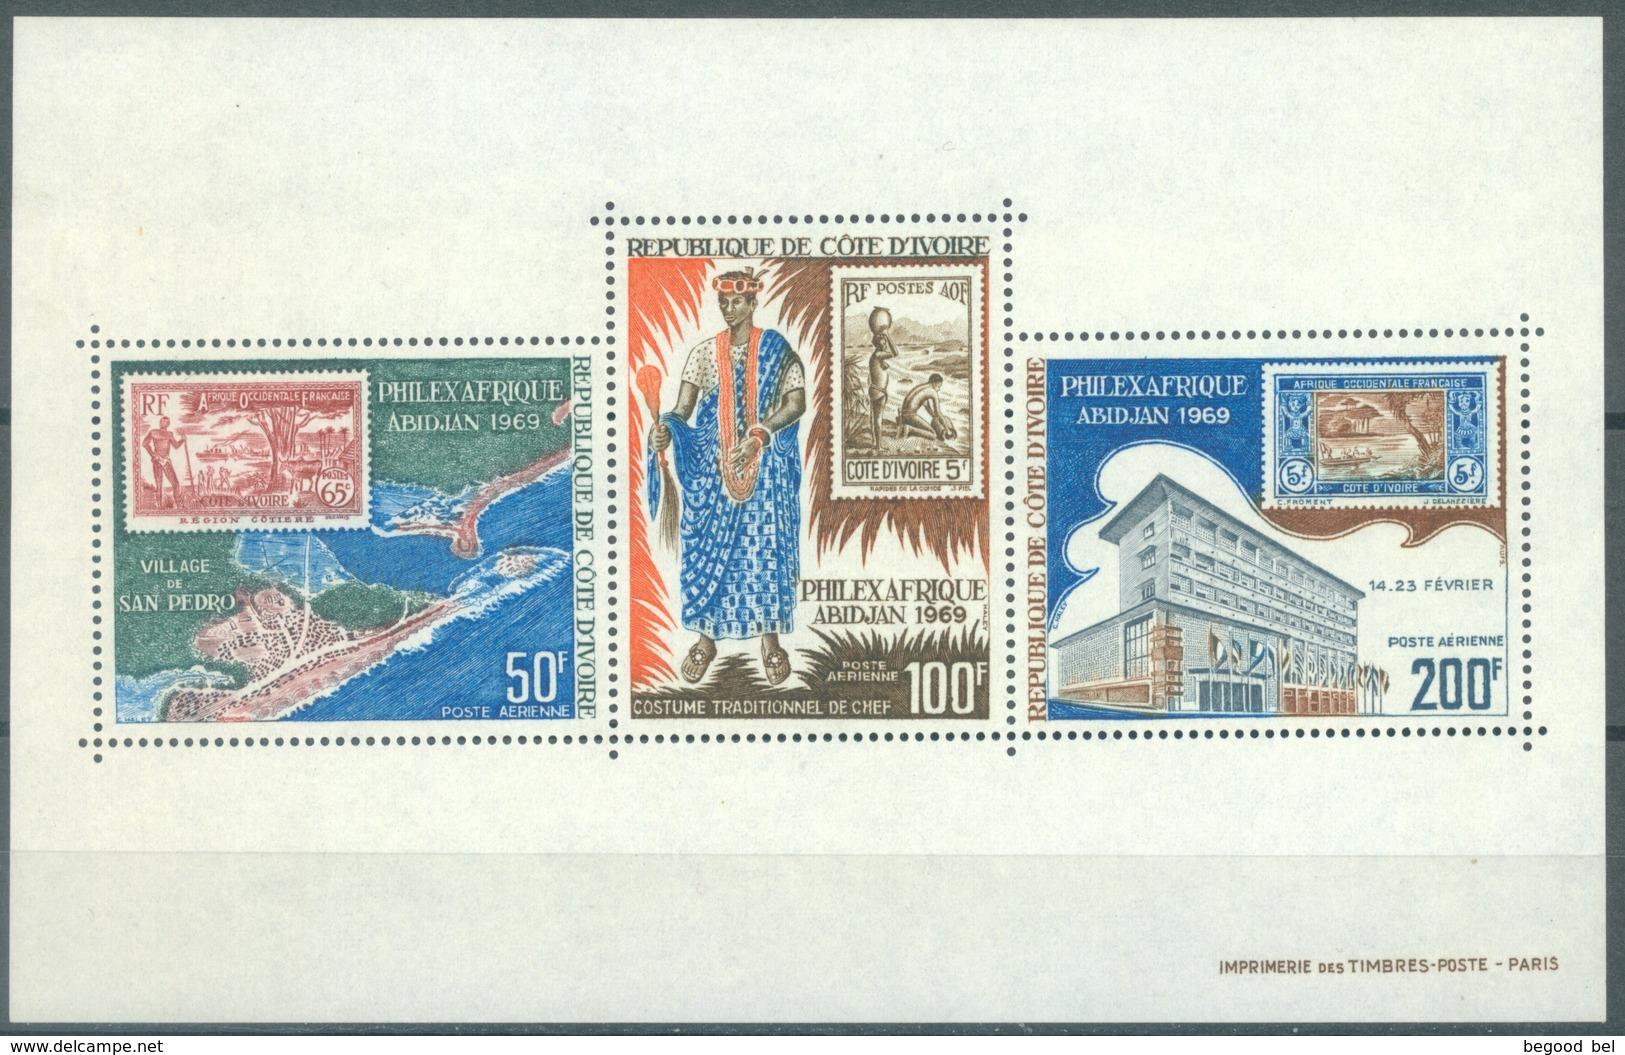 COTE D'IVOIRE - 1969 - MNH/** - PHILEX  - Yv BLOC 4 - Lot 16849 - Côte D'Ivoire (1960-...)